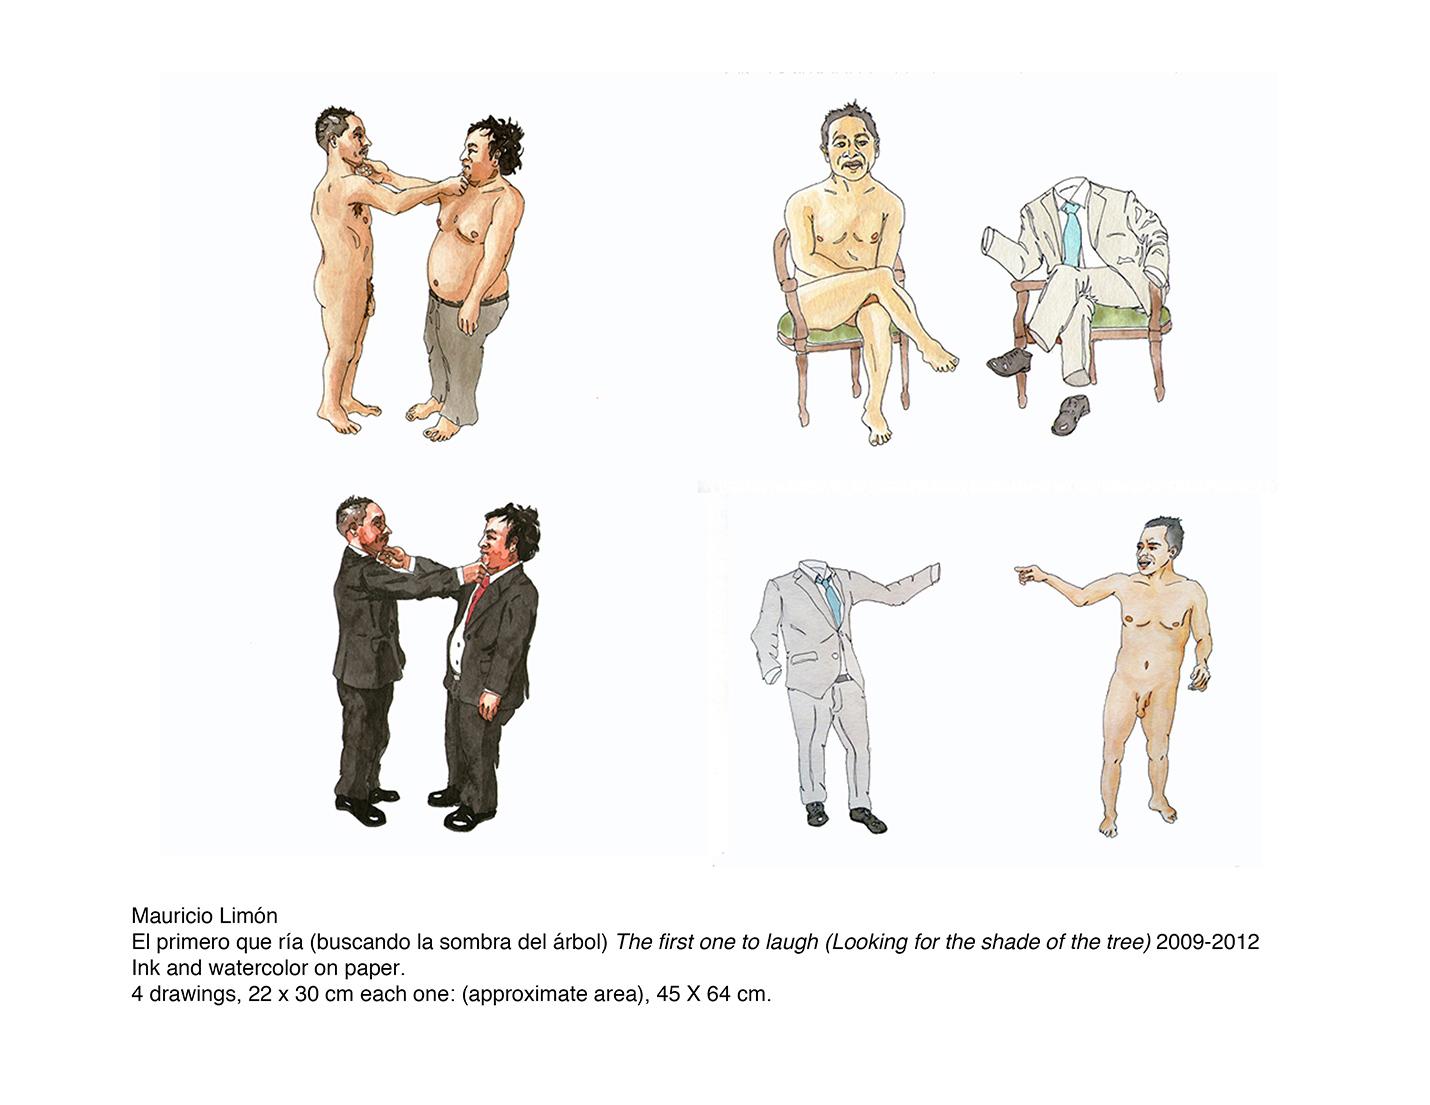 RP_MLI_010_elprimeroqueria_2009-2012